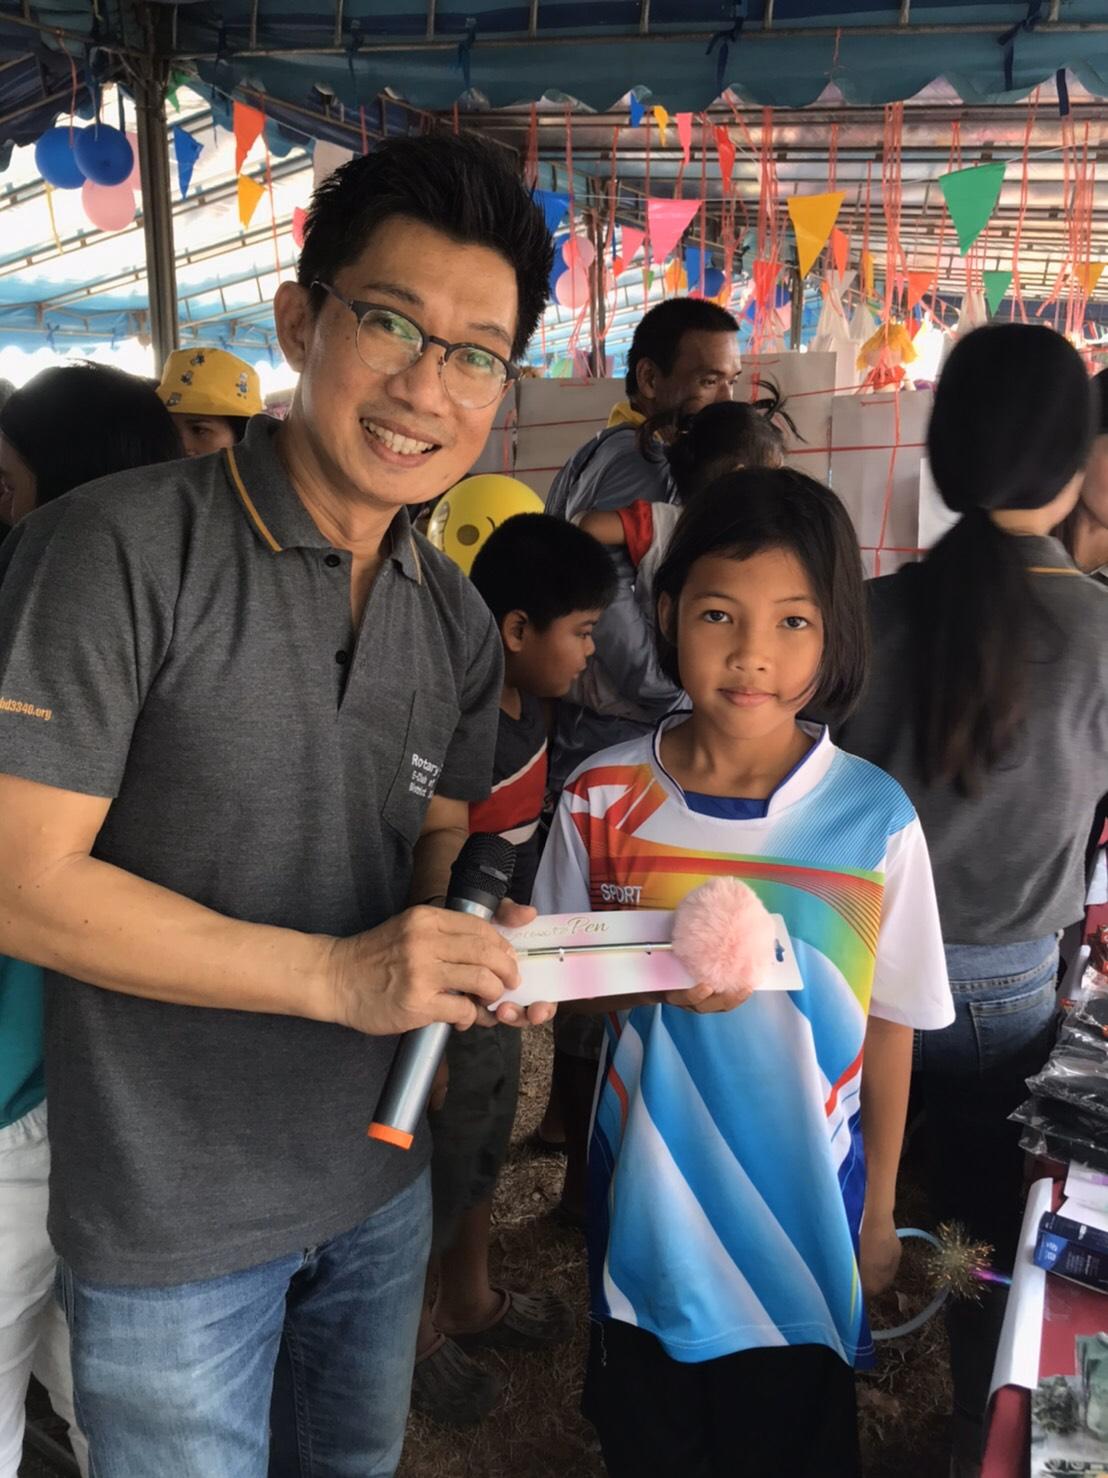 สโมสรโรตารี อี-คลับภาค3340 ร่วมกิจกรรมวันเด็กที่ช่อง11 จันทบุรี